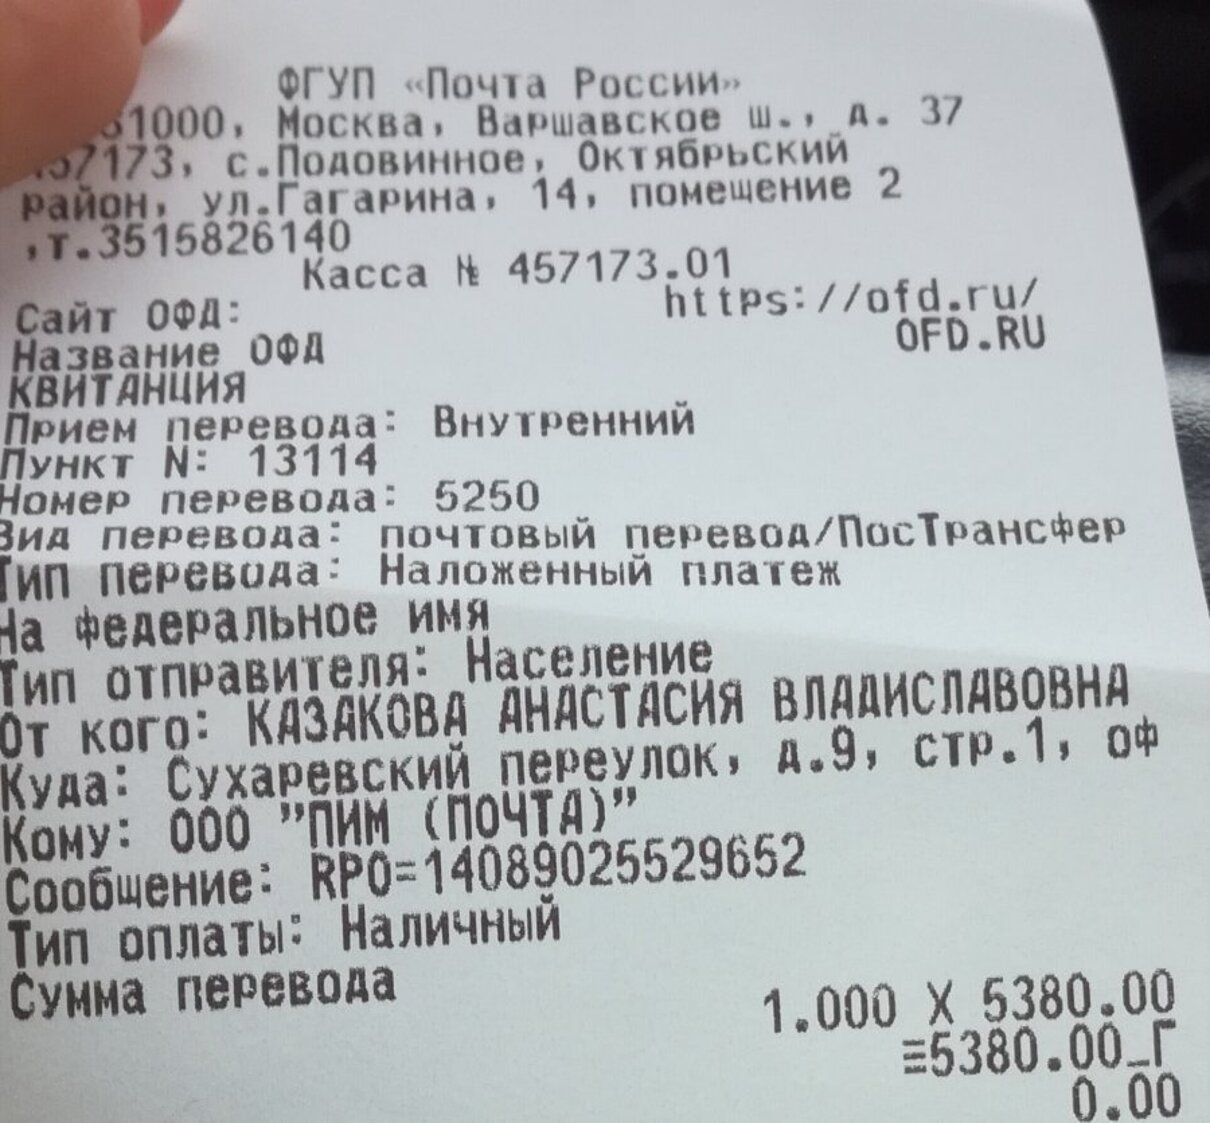 Жалоба-отзыв: Ооо«пим»почта - Прошу вернуть деньги.  Фото №1